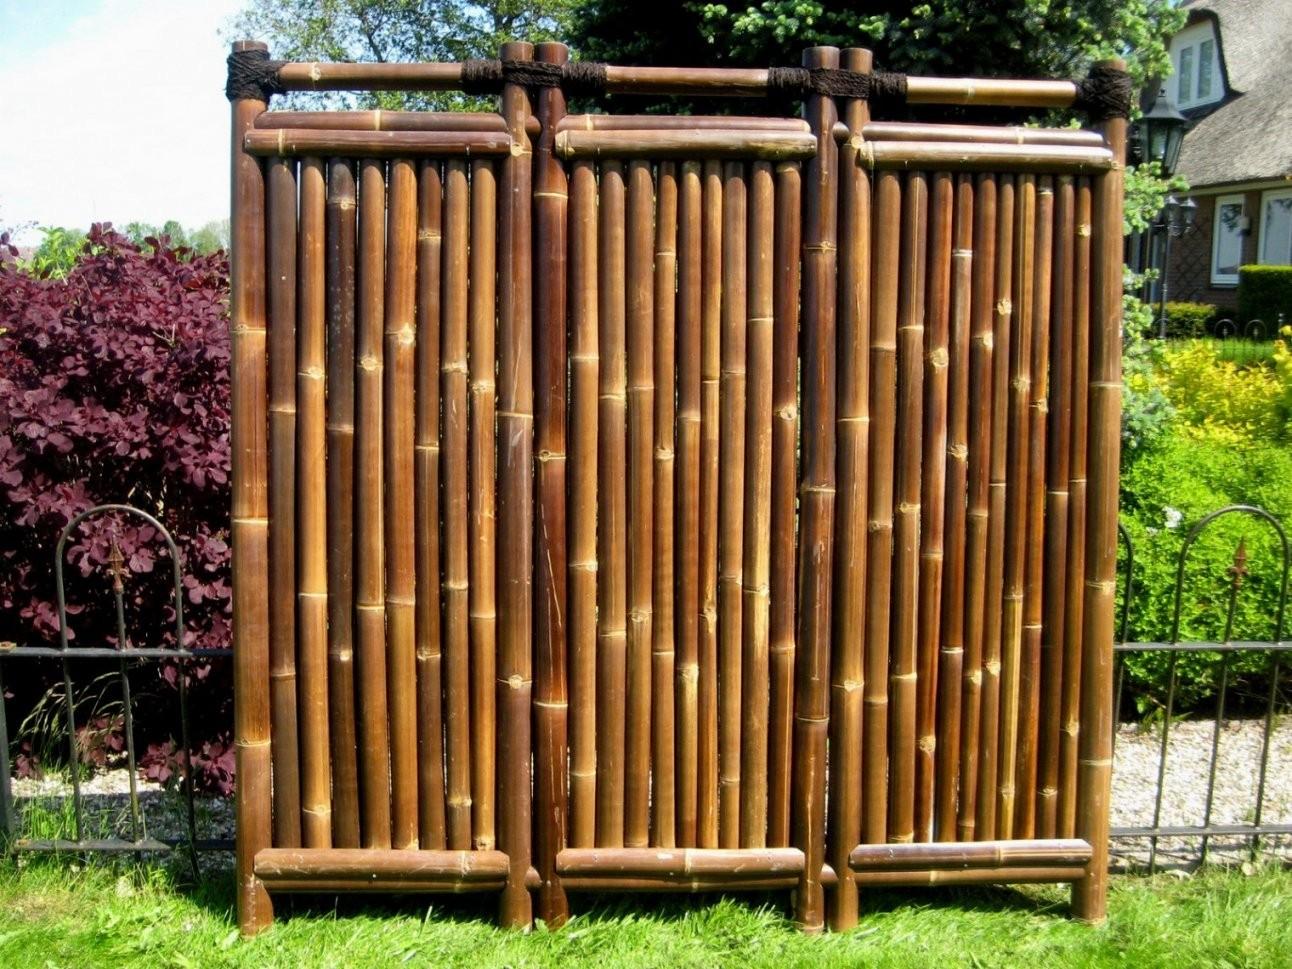 27 Herrlich Sichtschutz Für Gartenzaun Galerie Ideen Ist Einzigartig von Holzwände Für Den Garten Photo